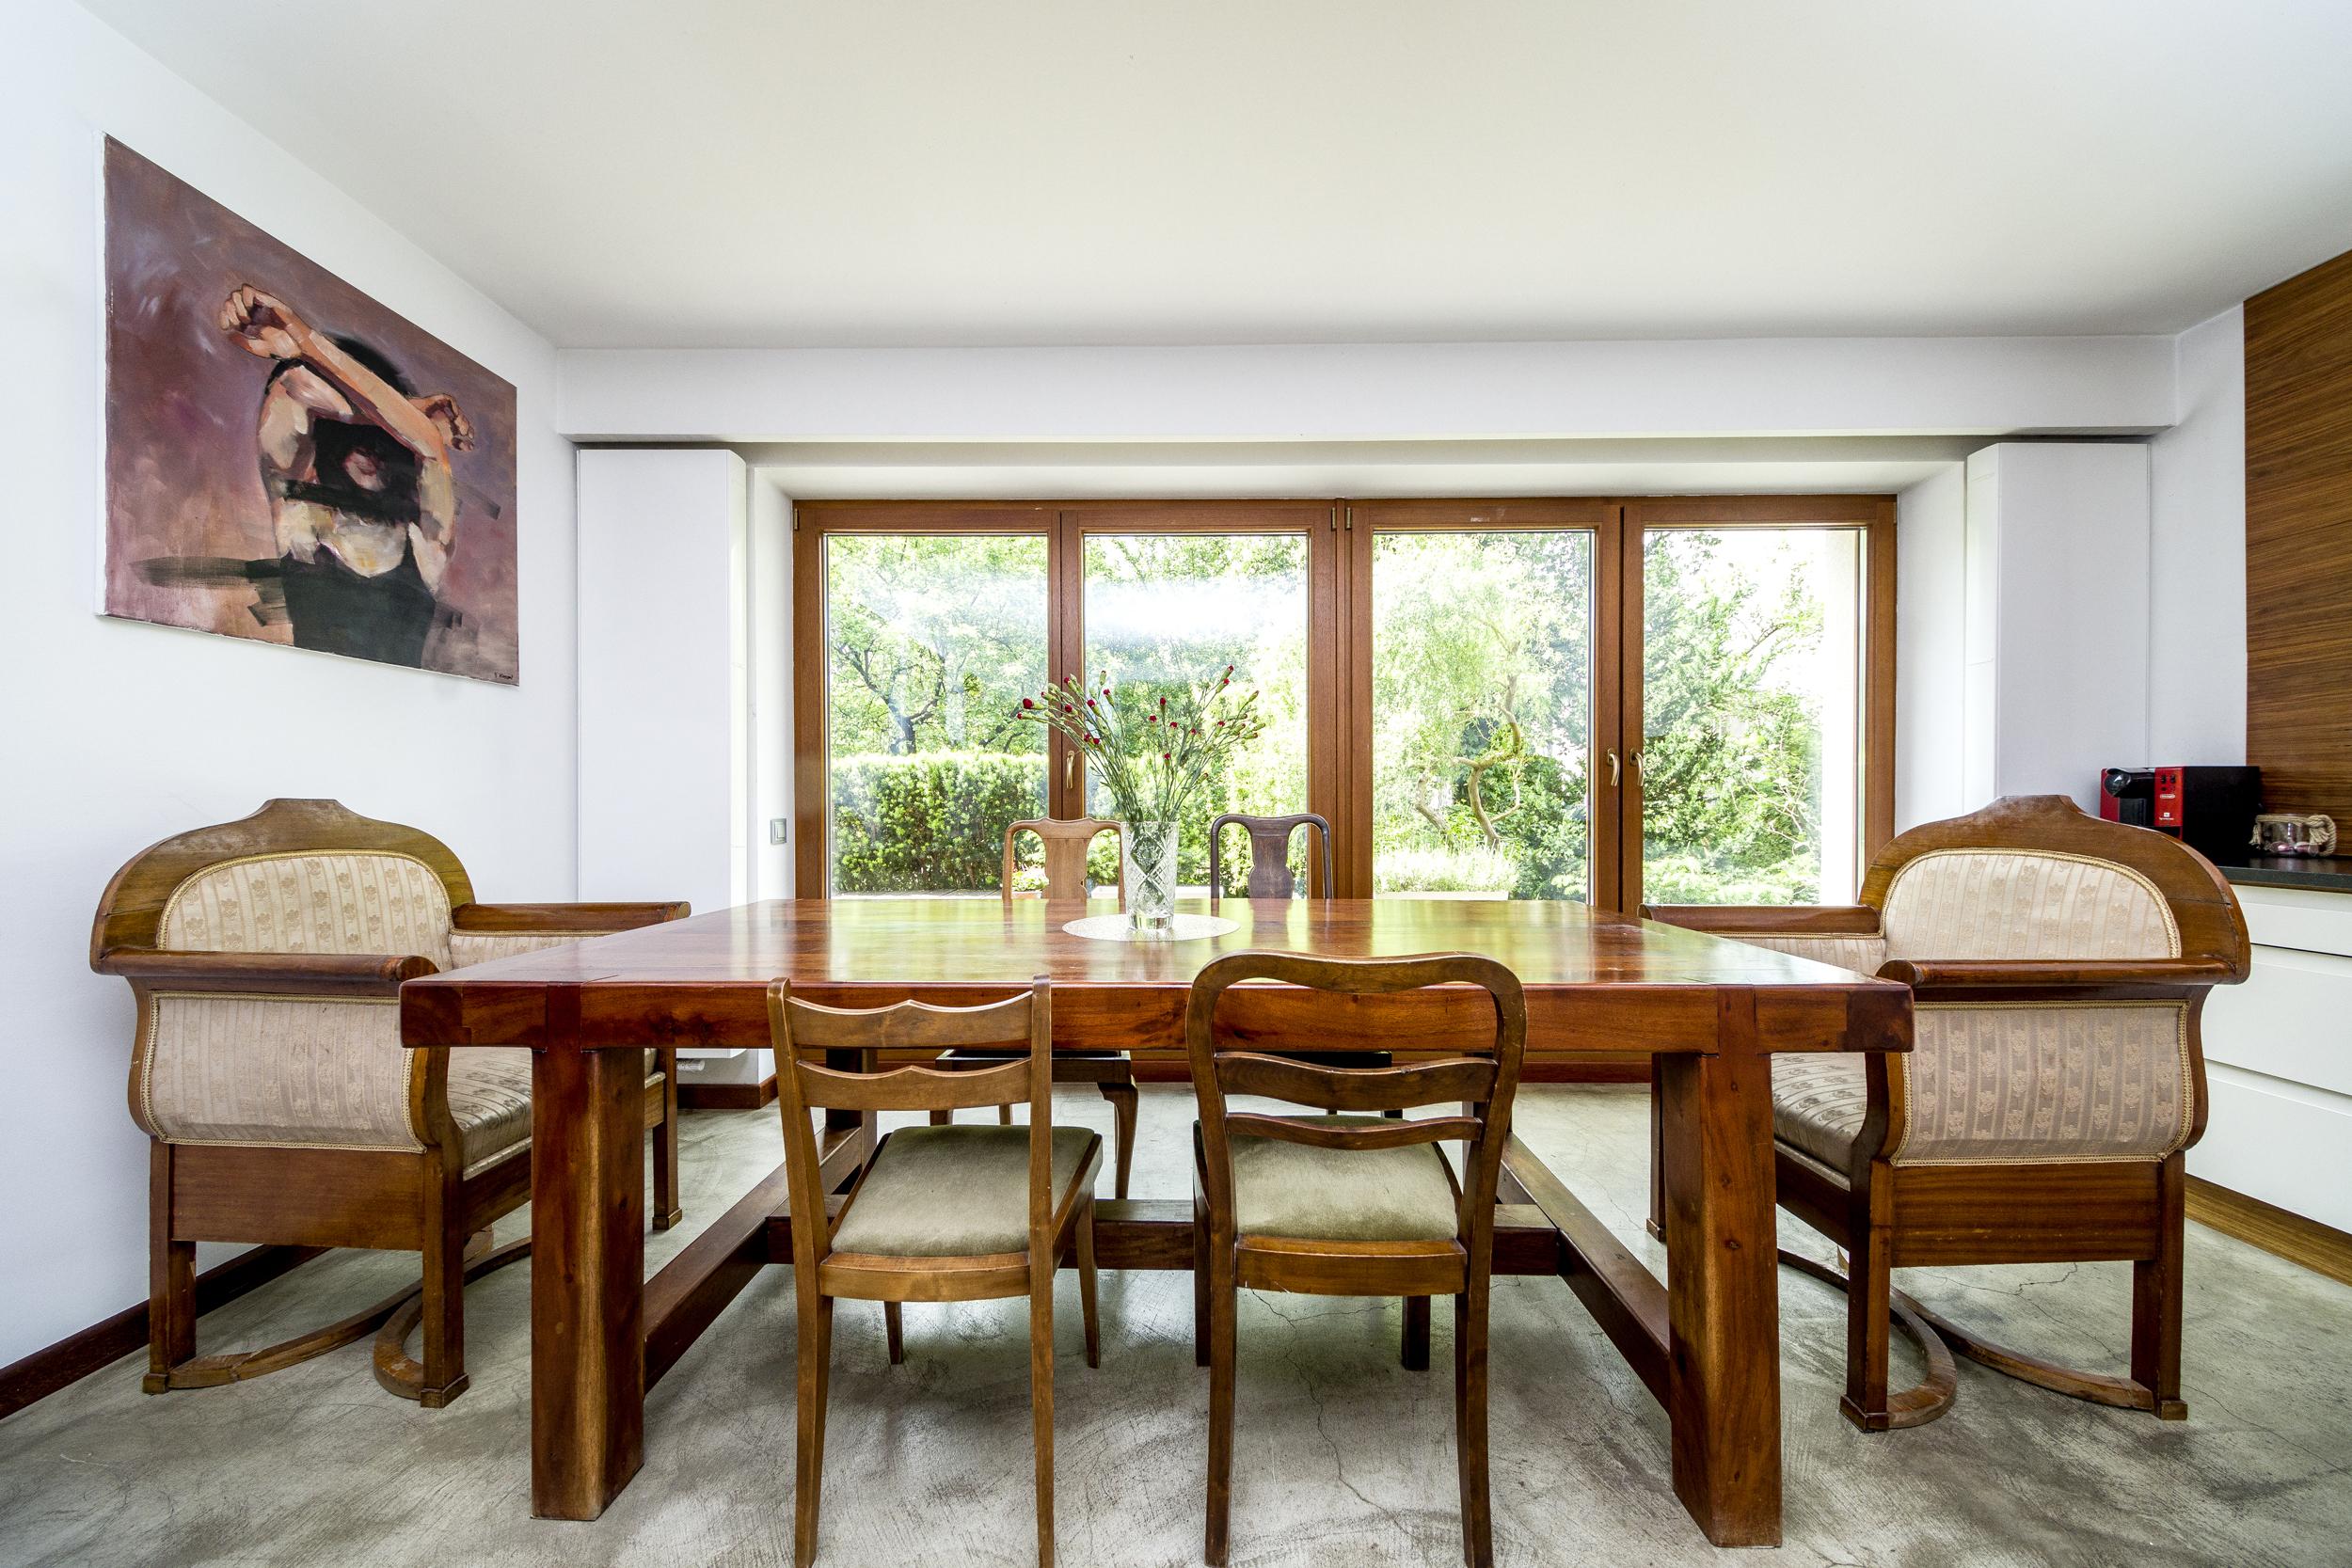 plan fotograficzny kuchnia z dużym stołem reetro